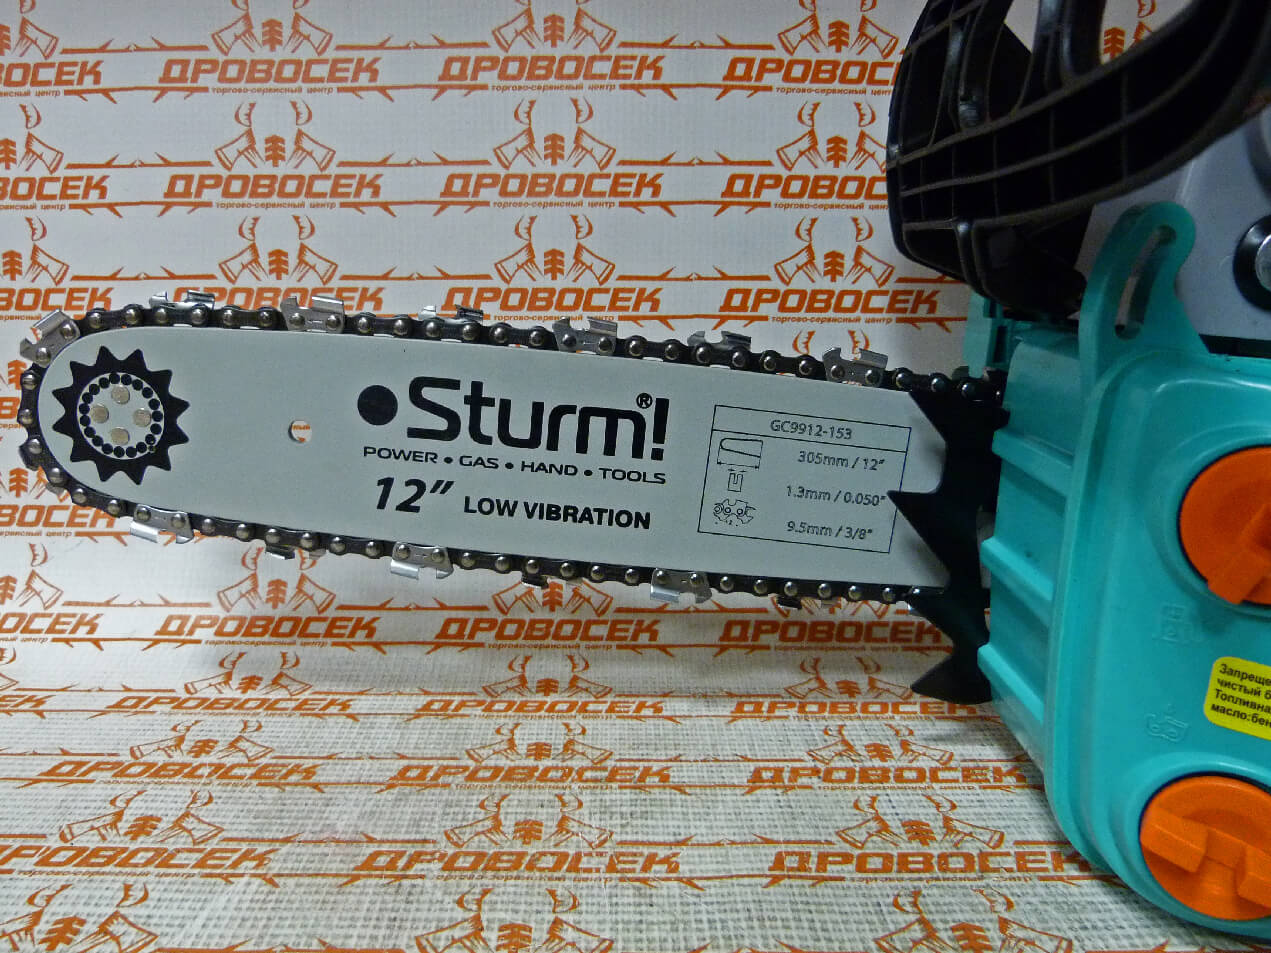 Бензопилы штурм / sturm - особенности и характеристики моделей